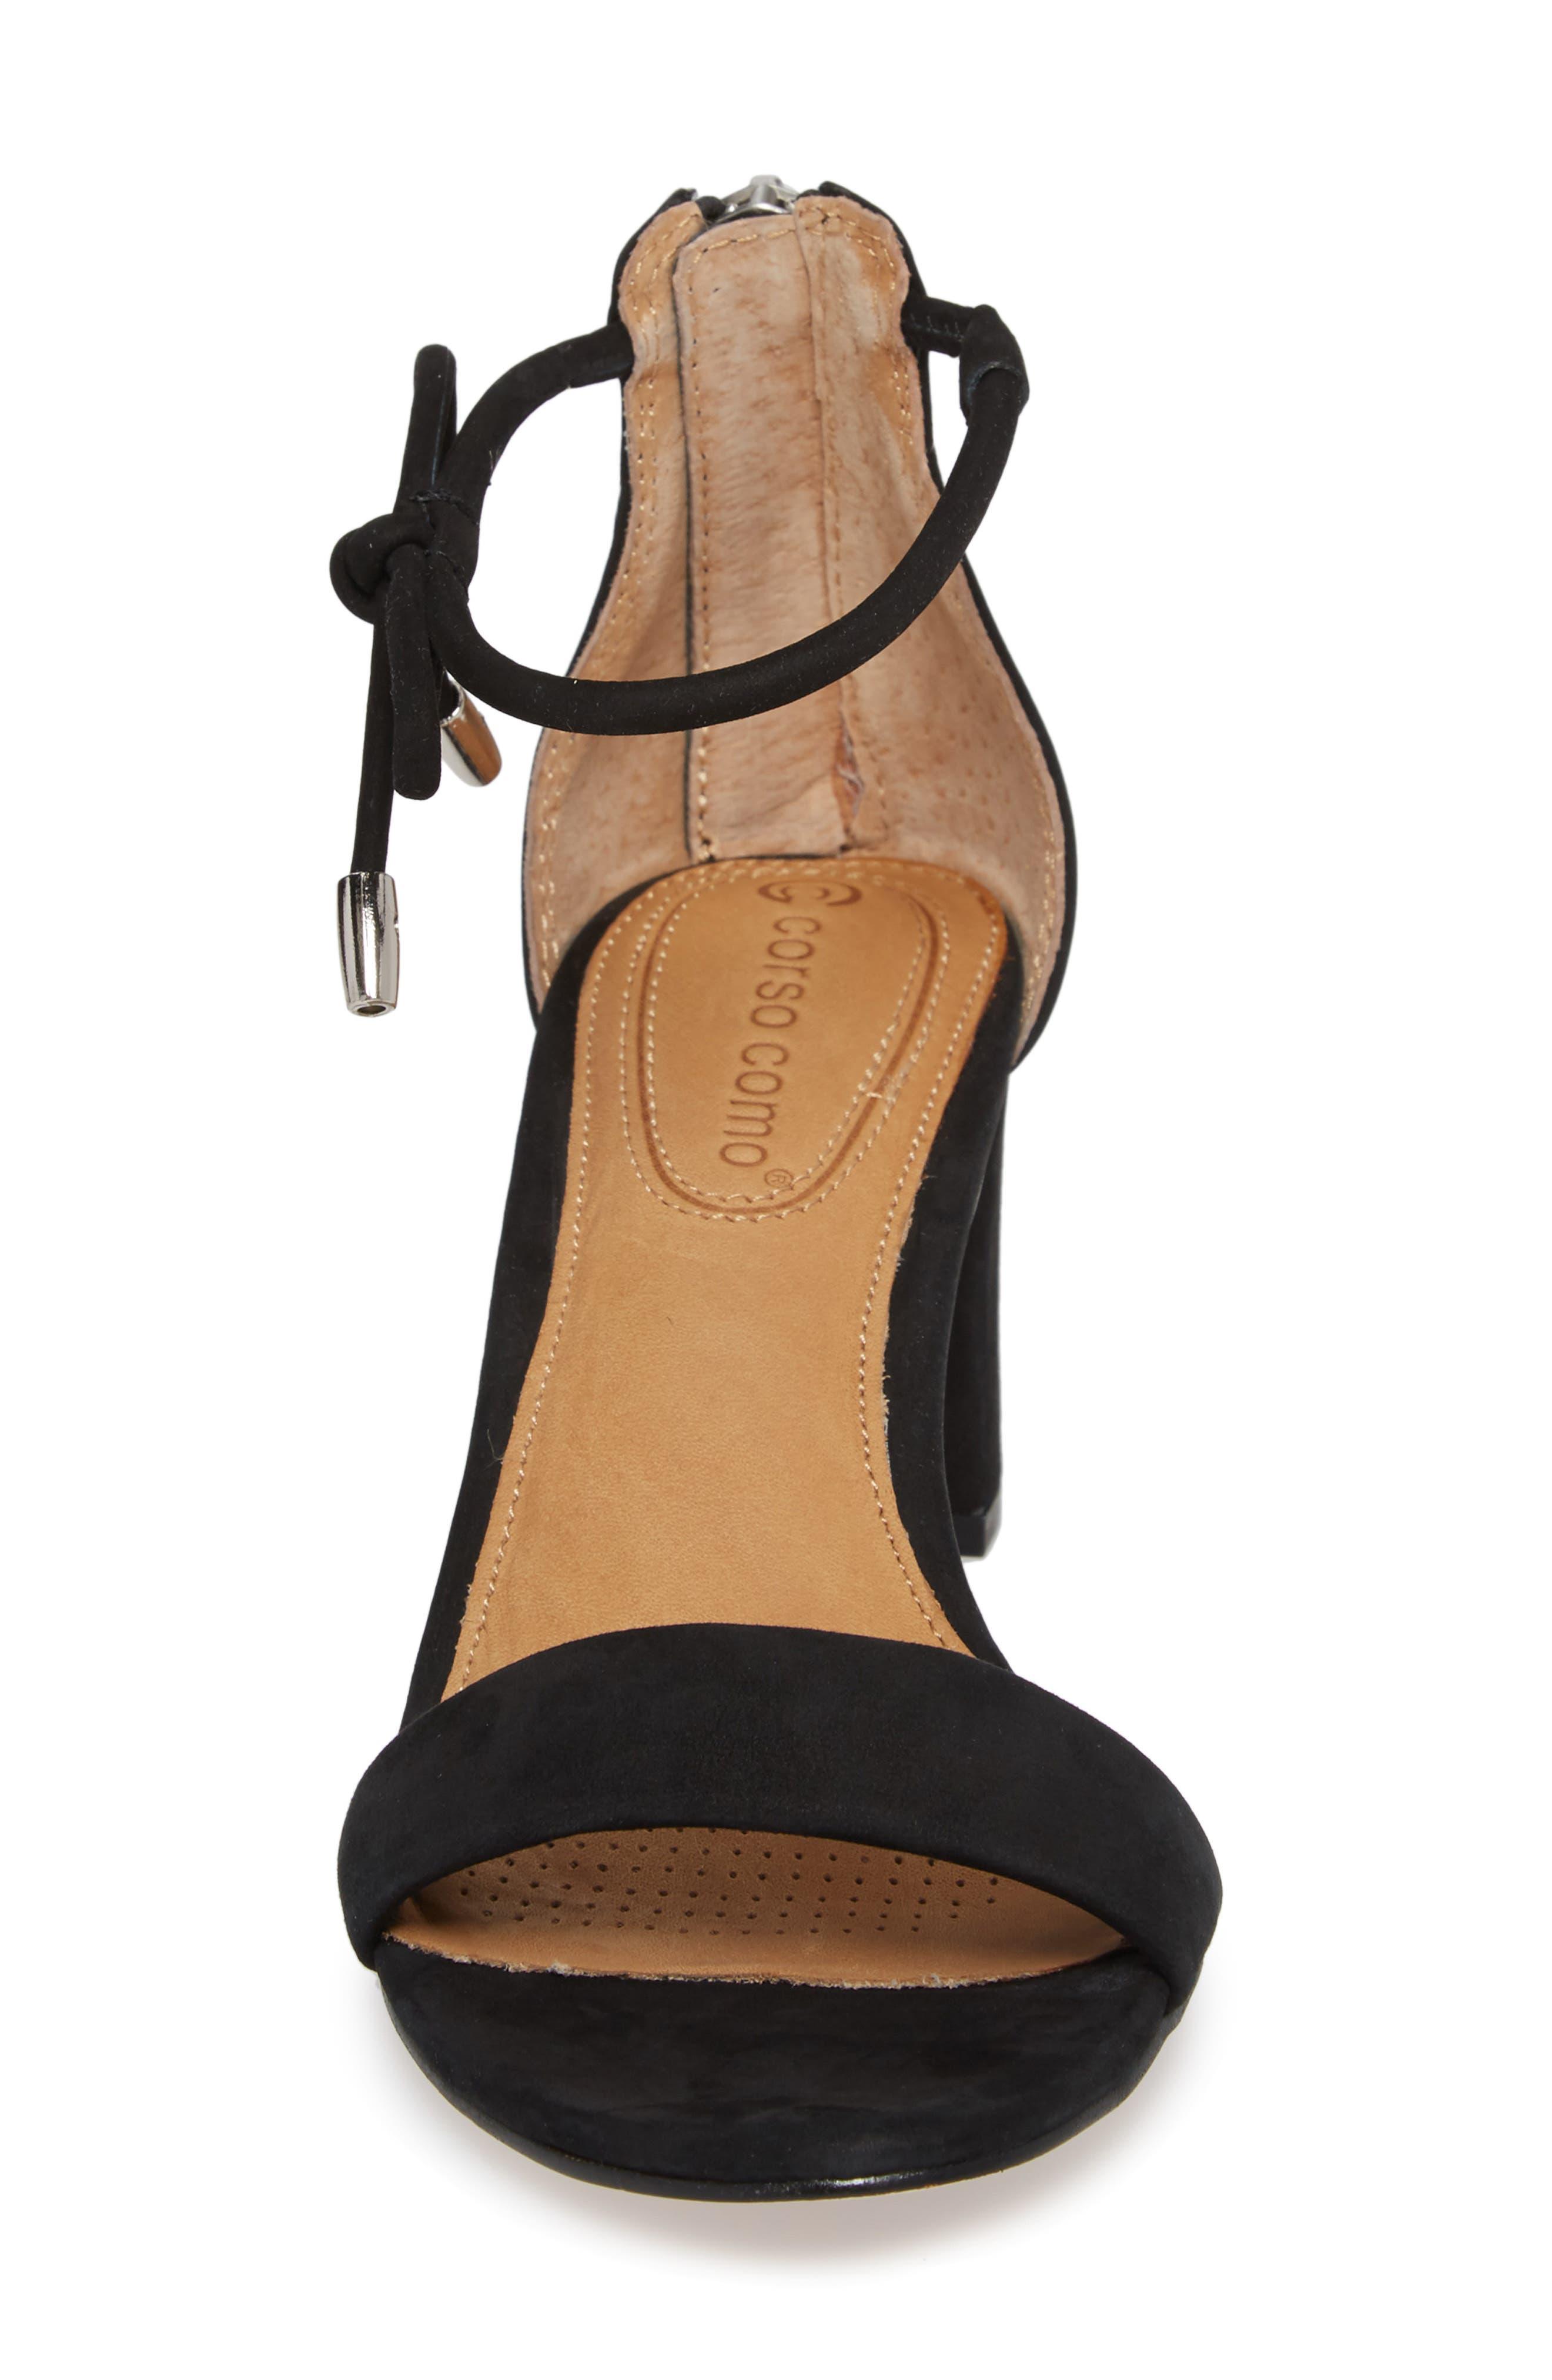 Celebratt Ankle Strap Sandal,                             Alternate thumbnail 4, color,                             001